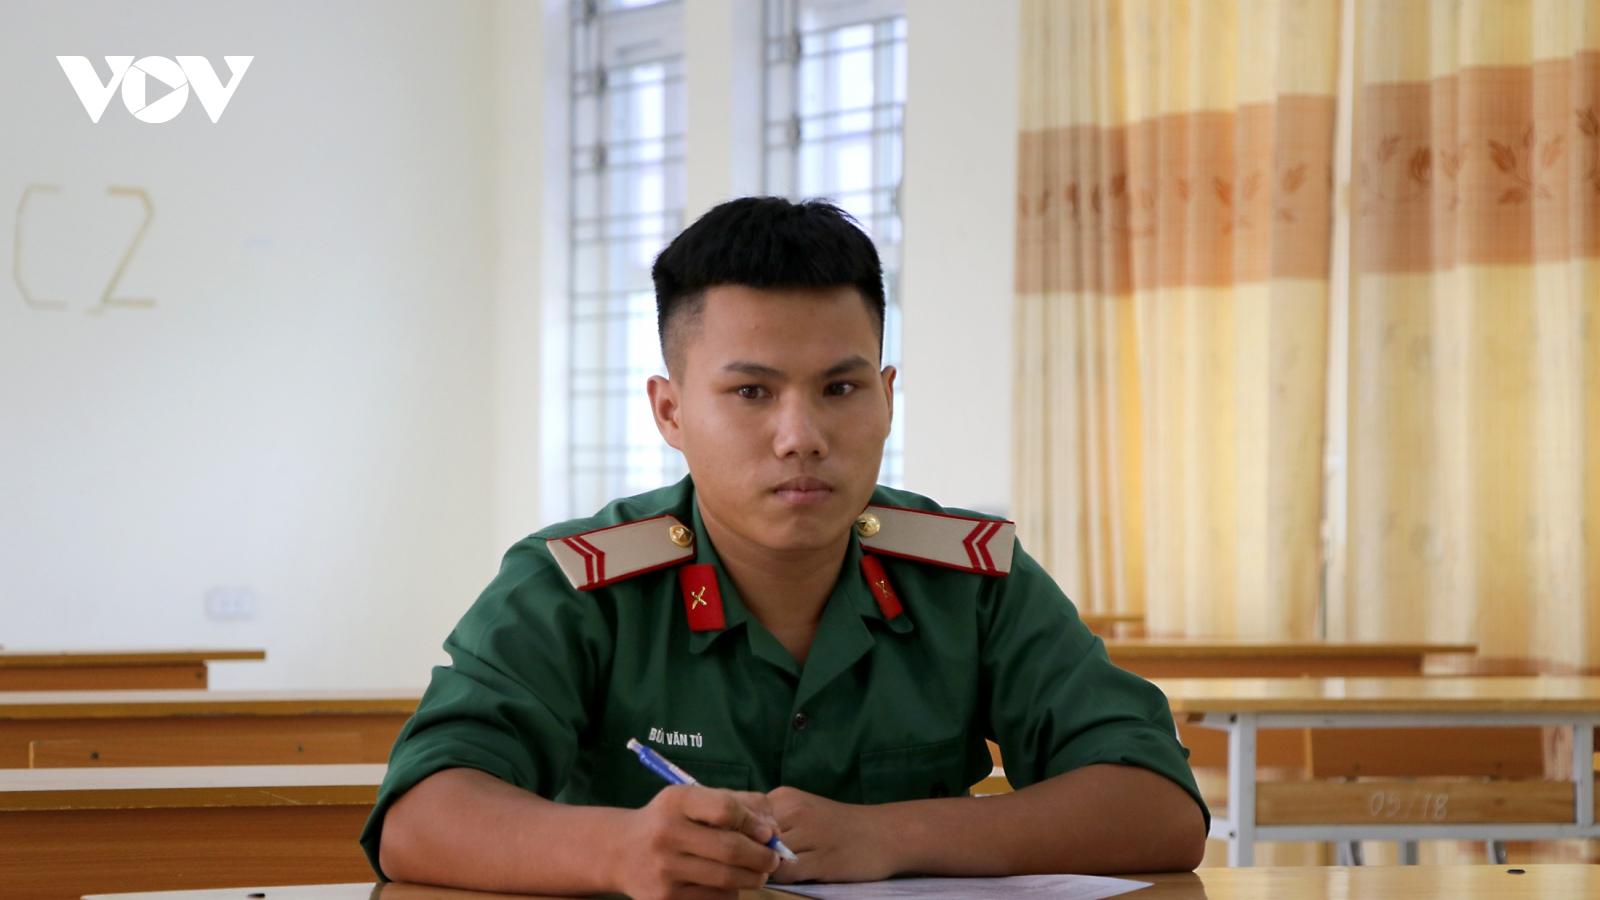 Hòa Bình chỉ có 1 thí sinh dự thi tốt nghiệp THPT quốc gia đợt 2